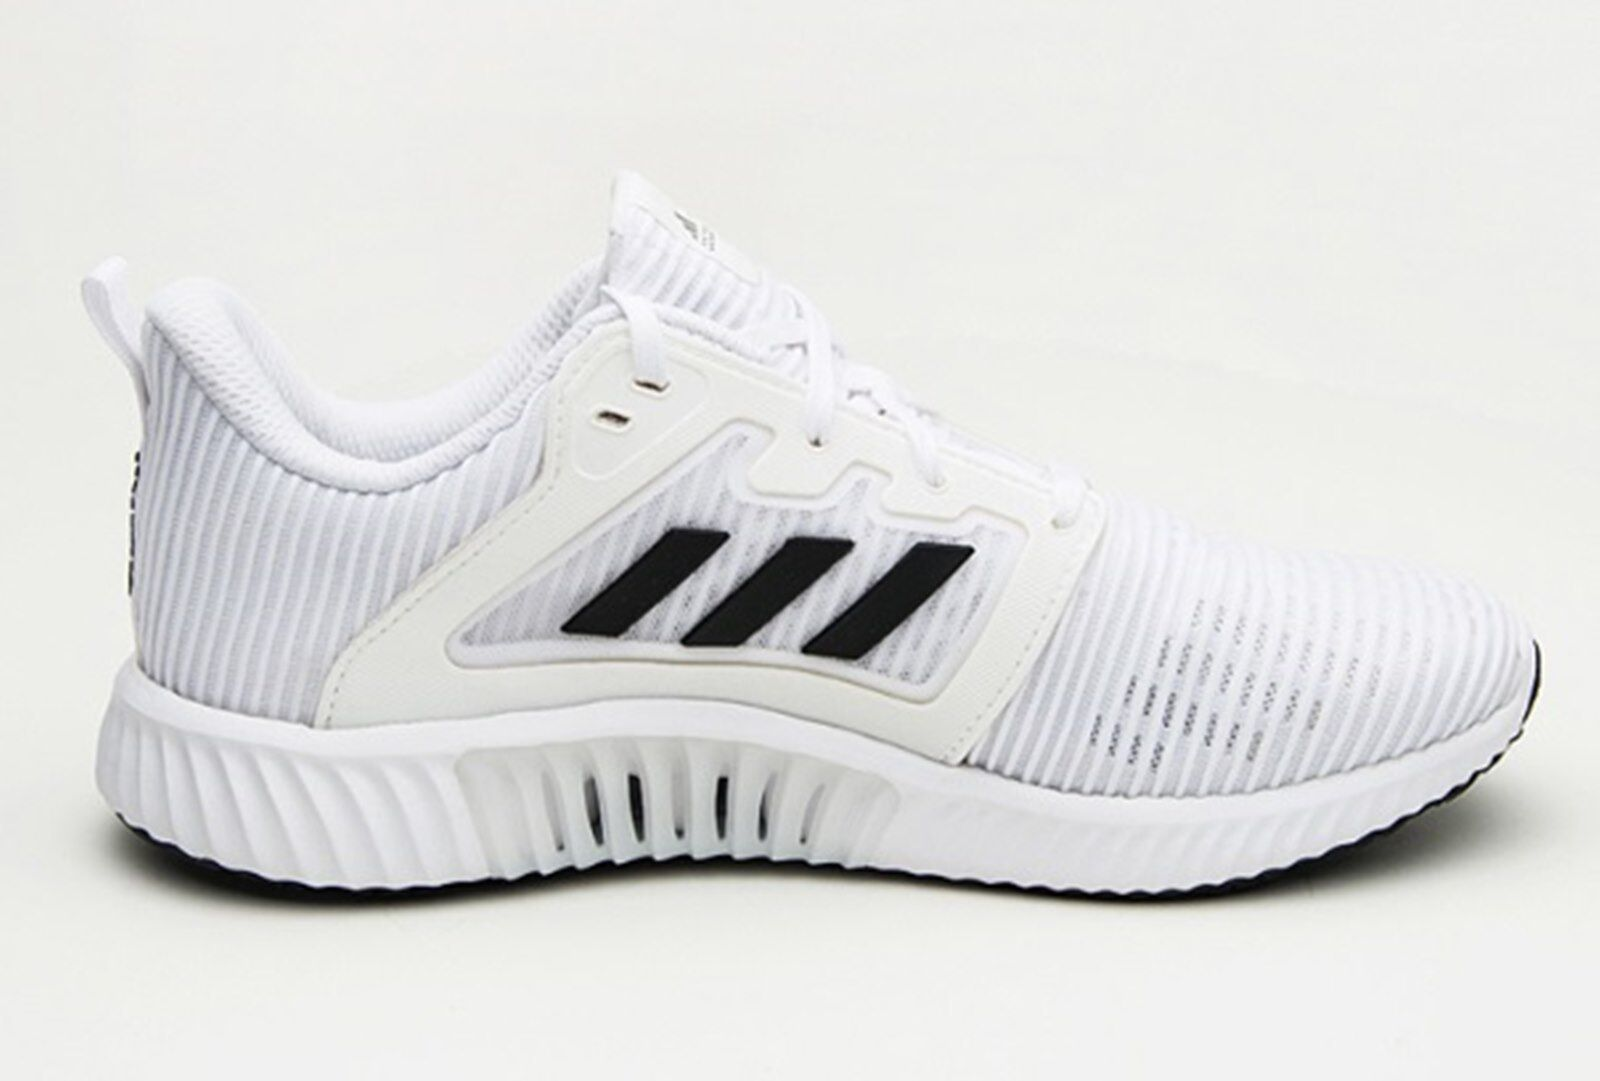 ee31a89c10 Adidas férfi Climacool VENT tréning cipő futó fehér cipők cipő CG3914Adidas  férfi Climacool VENT tréning cipő futás fehér cipők cipő CG3914